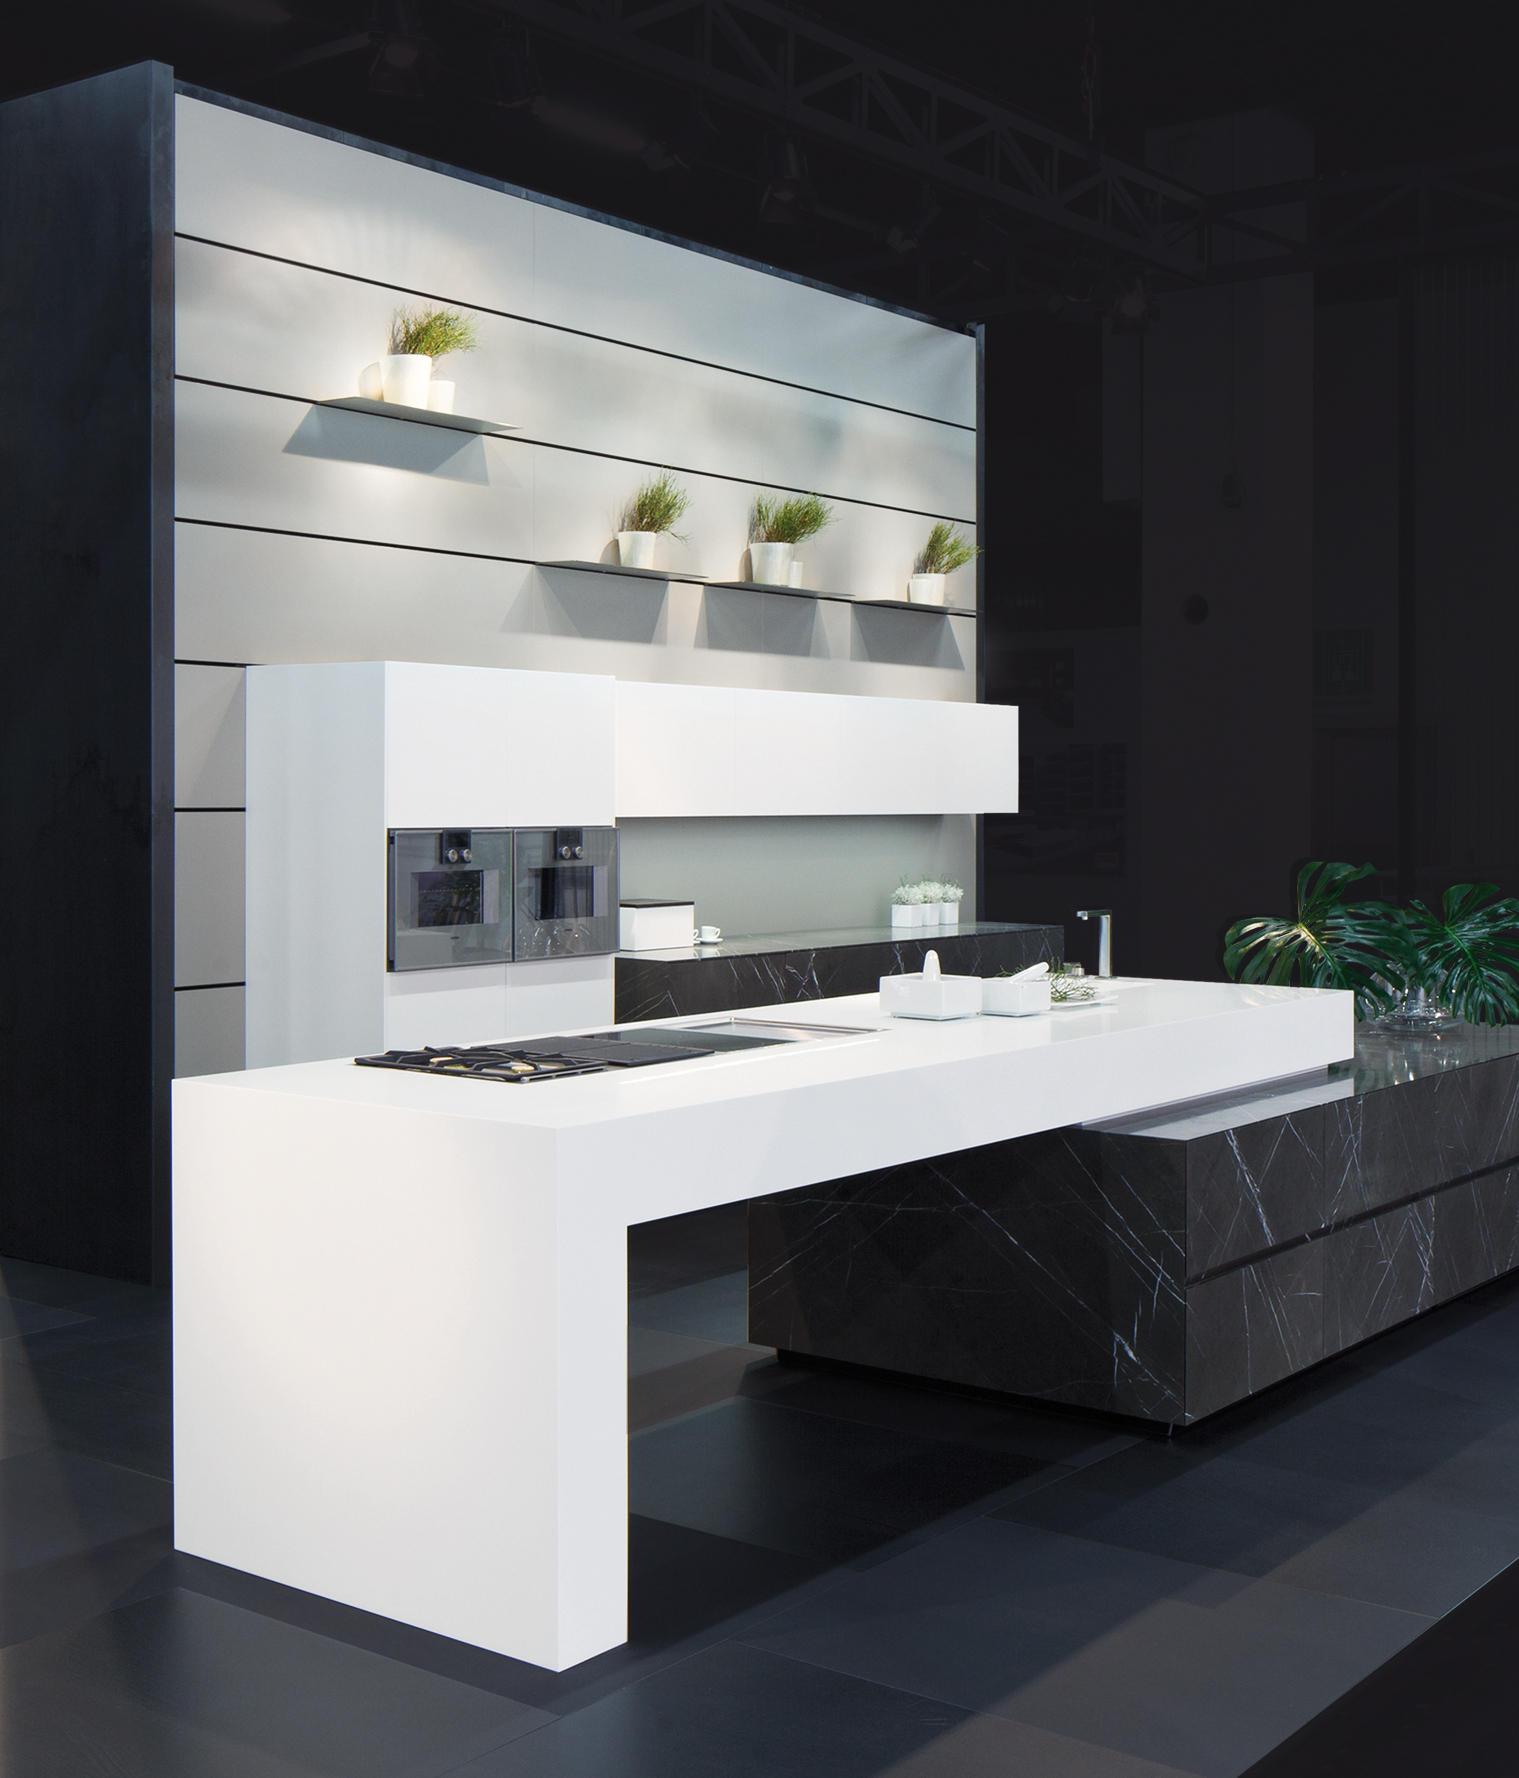 Limestone Bespoke Kitchens From Eggersmann Architonic